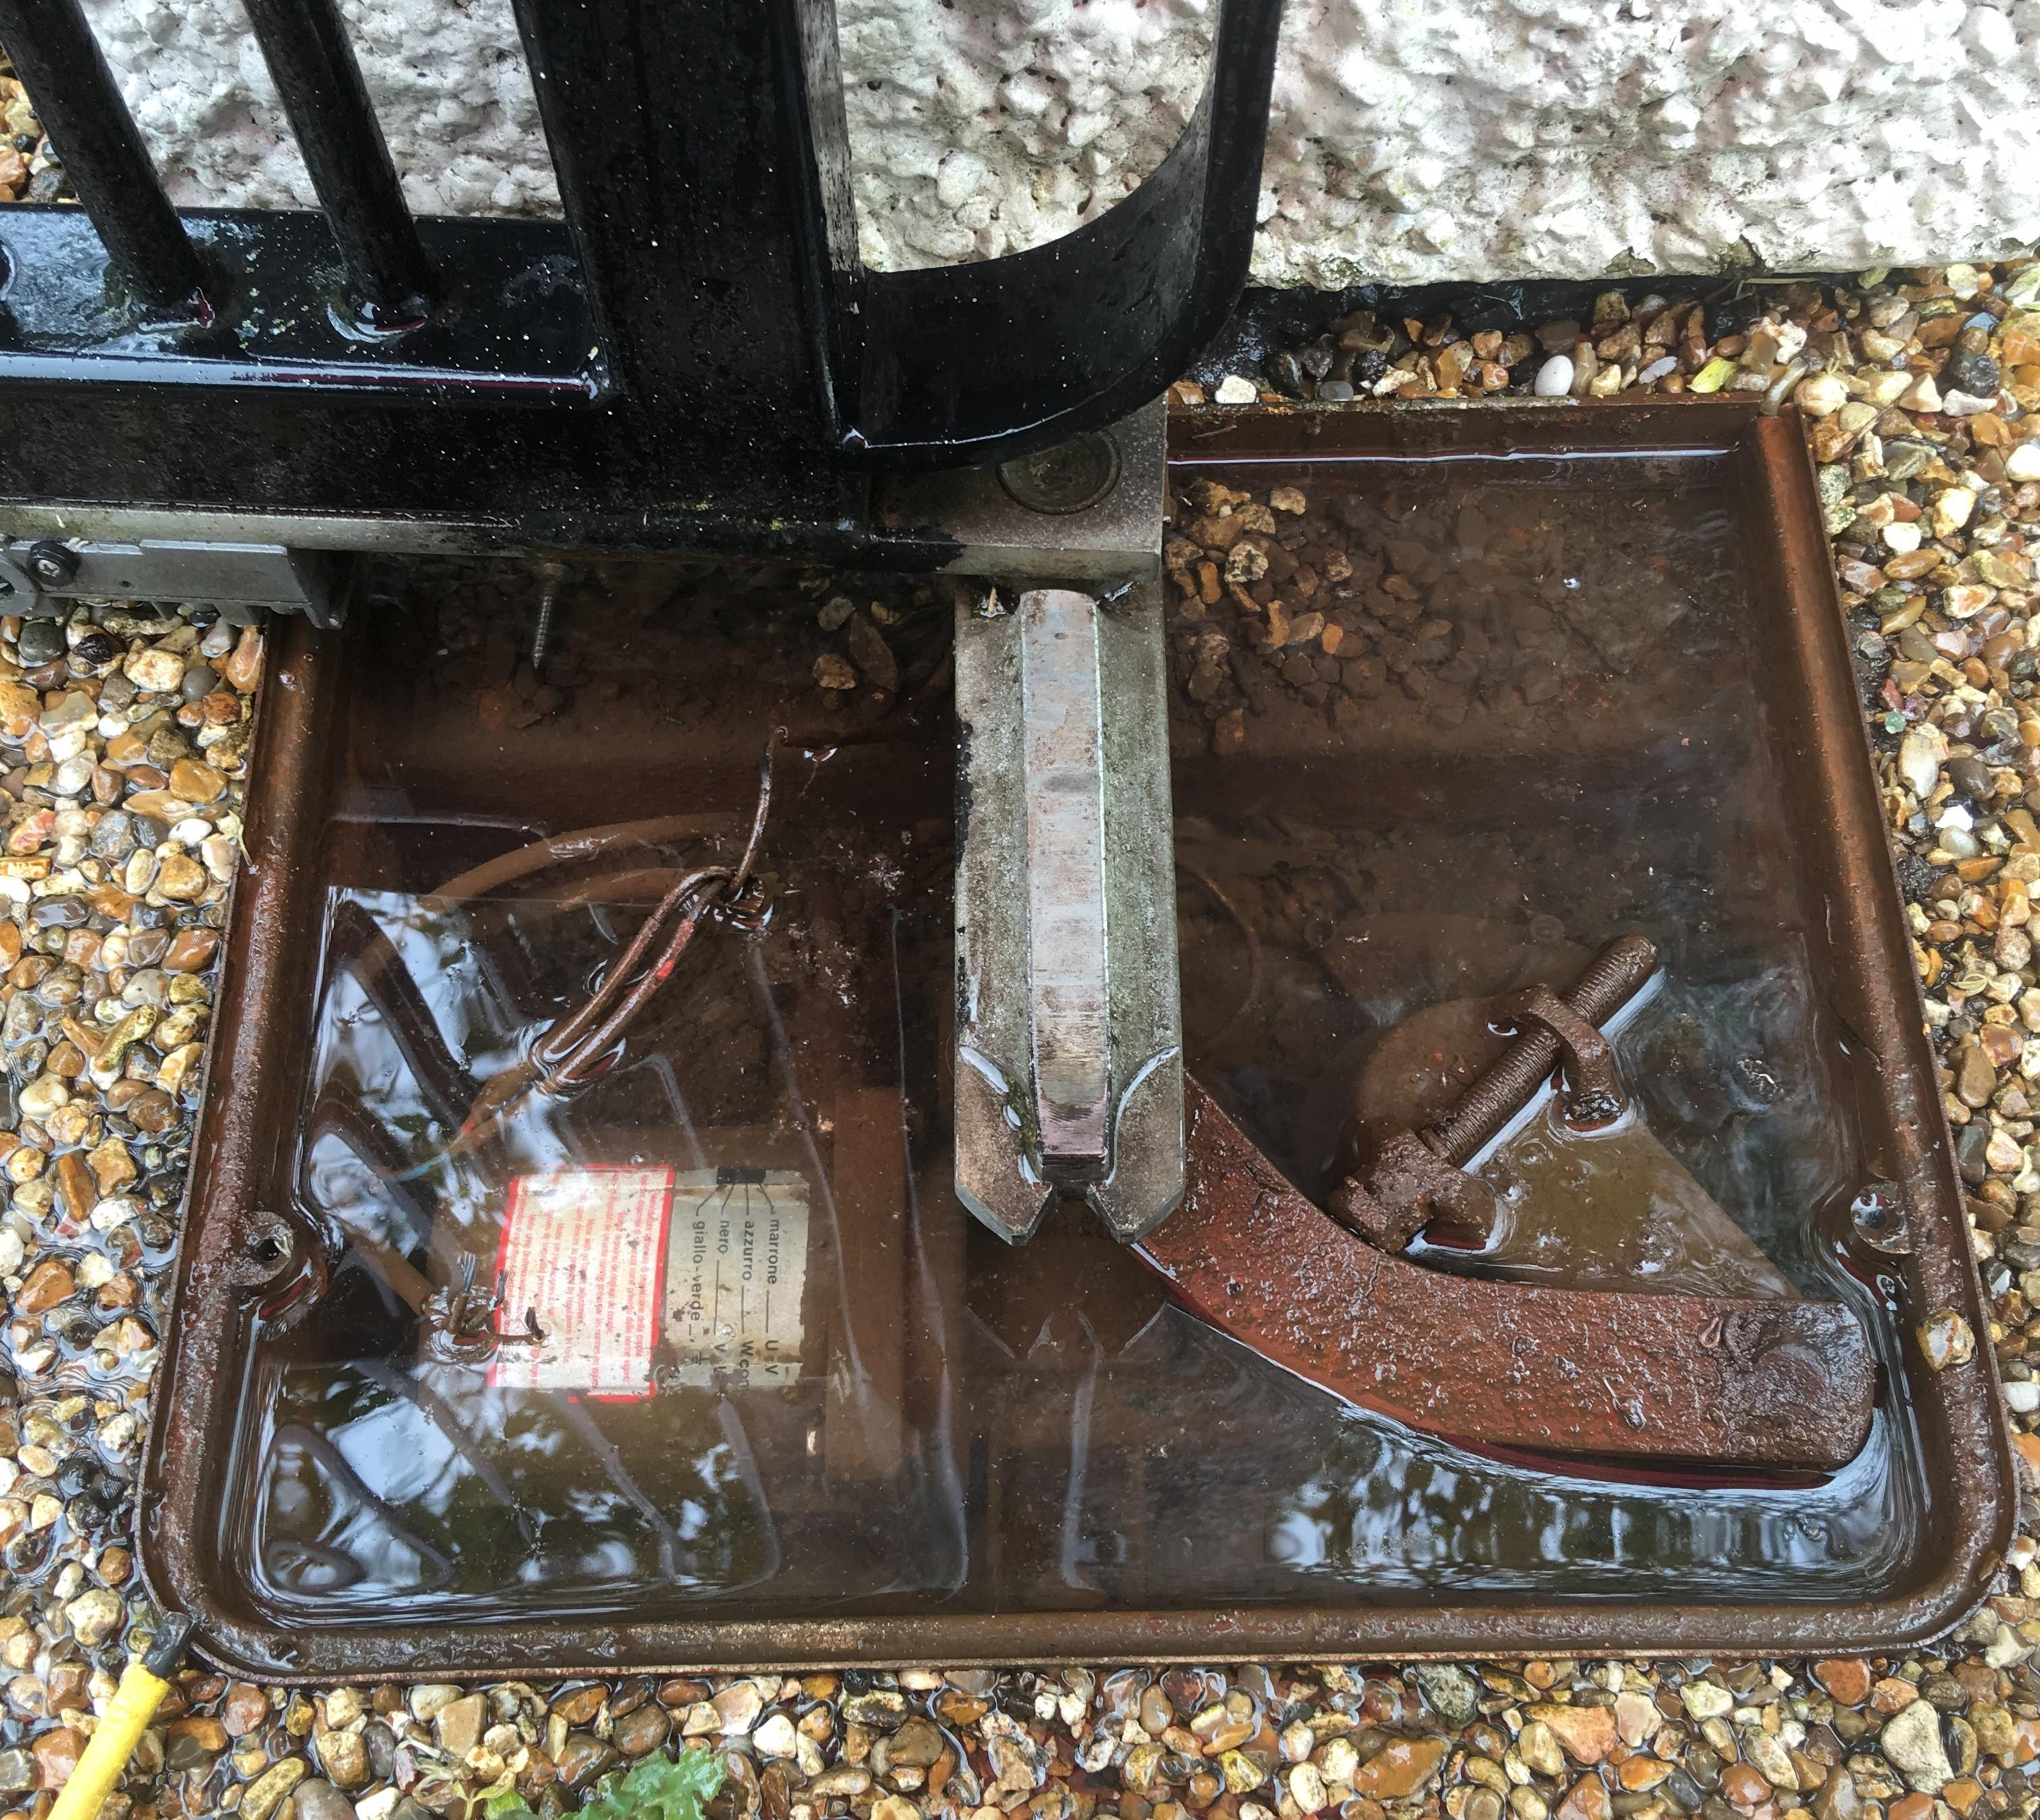 Underground gate motor under water